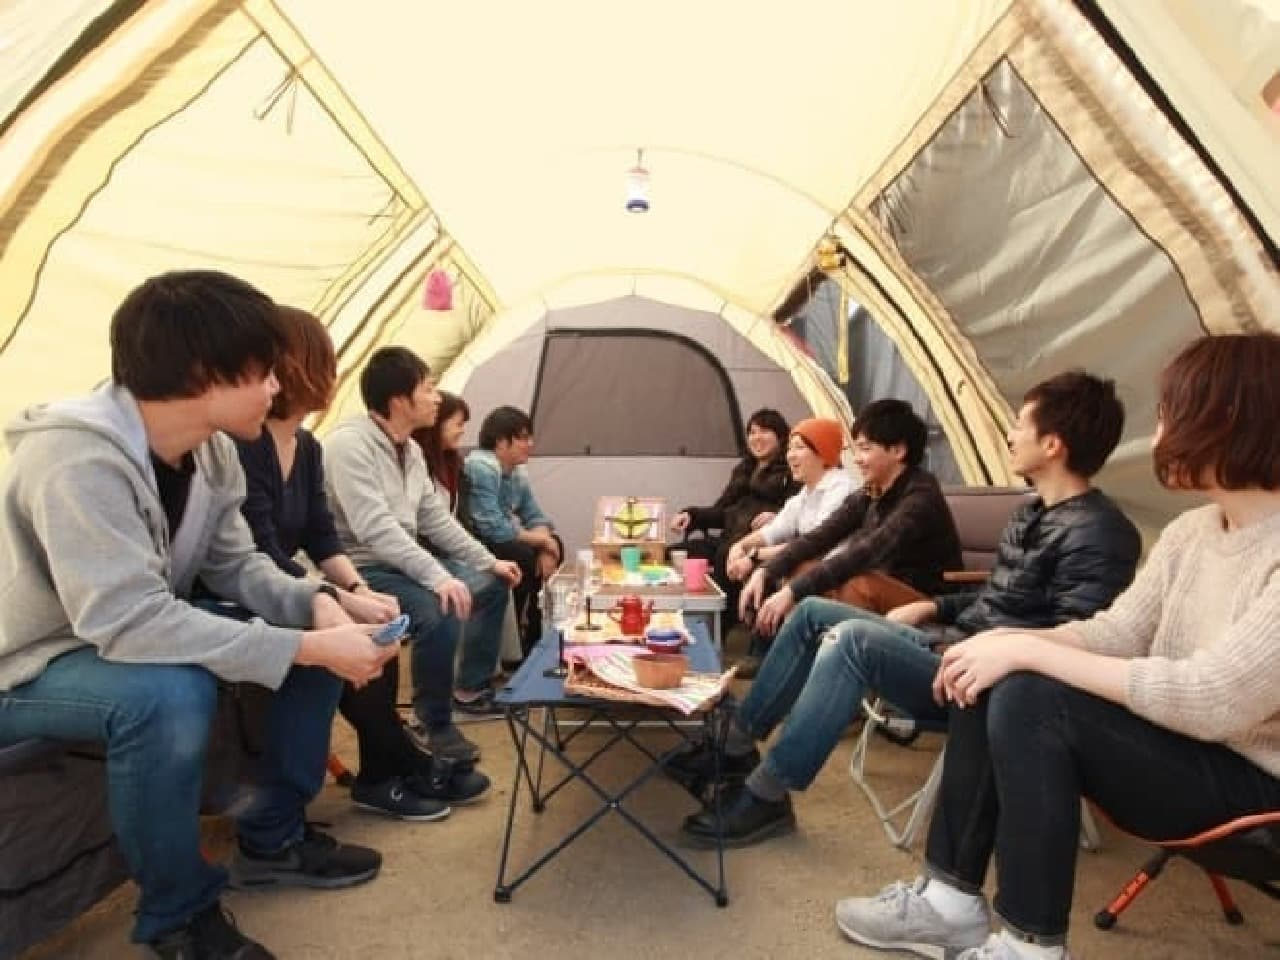 大型のテント「カマボコテント」